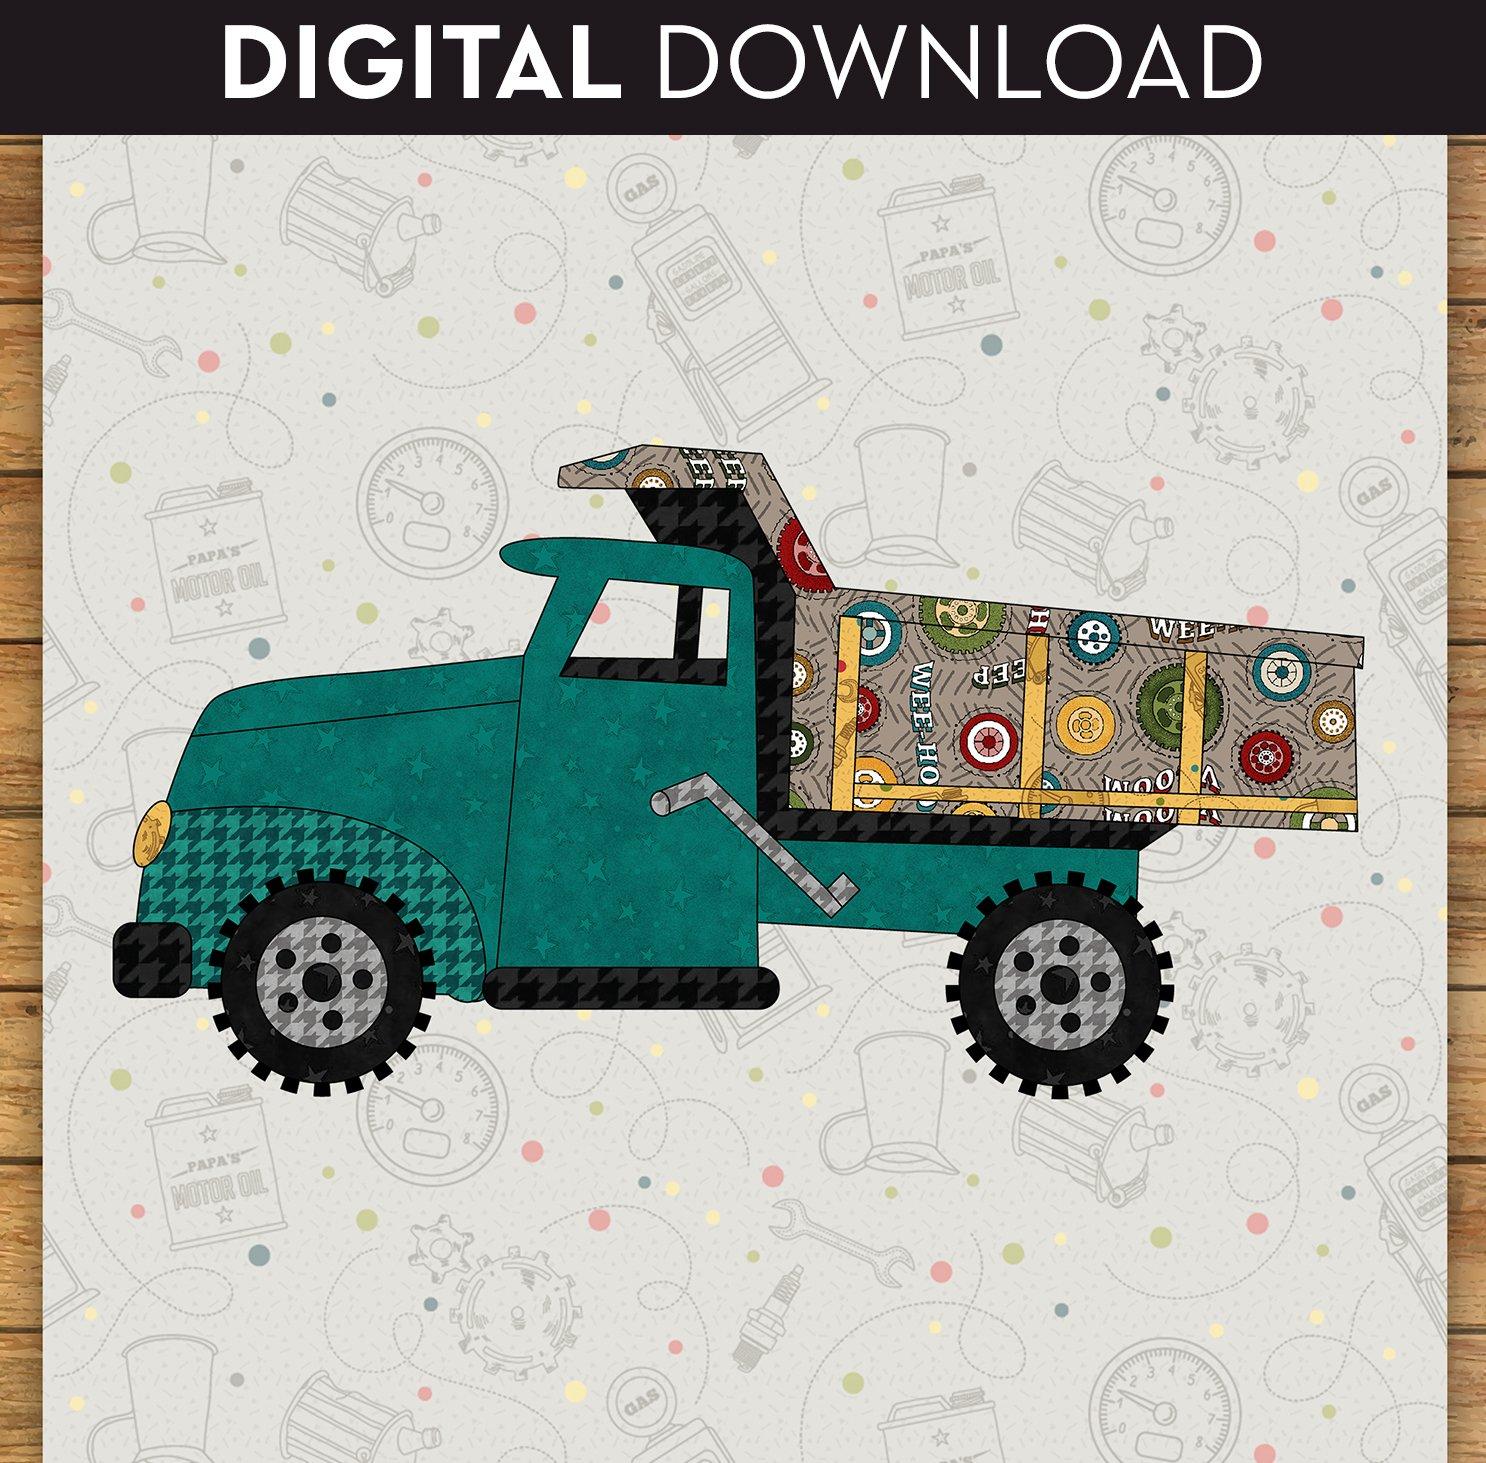 Dump Truck - Download